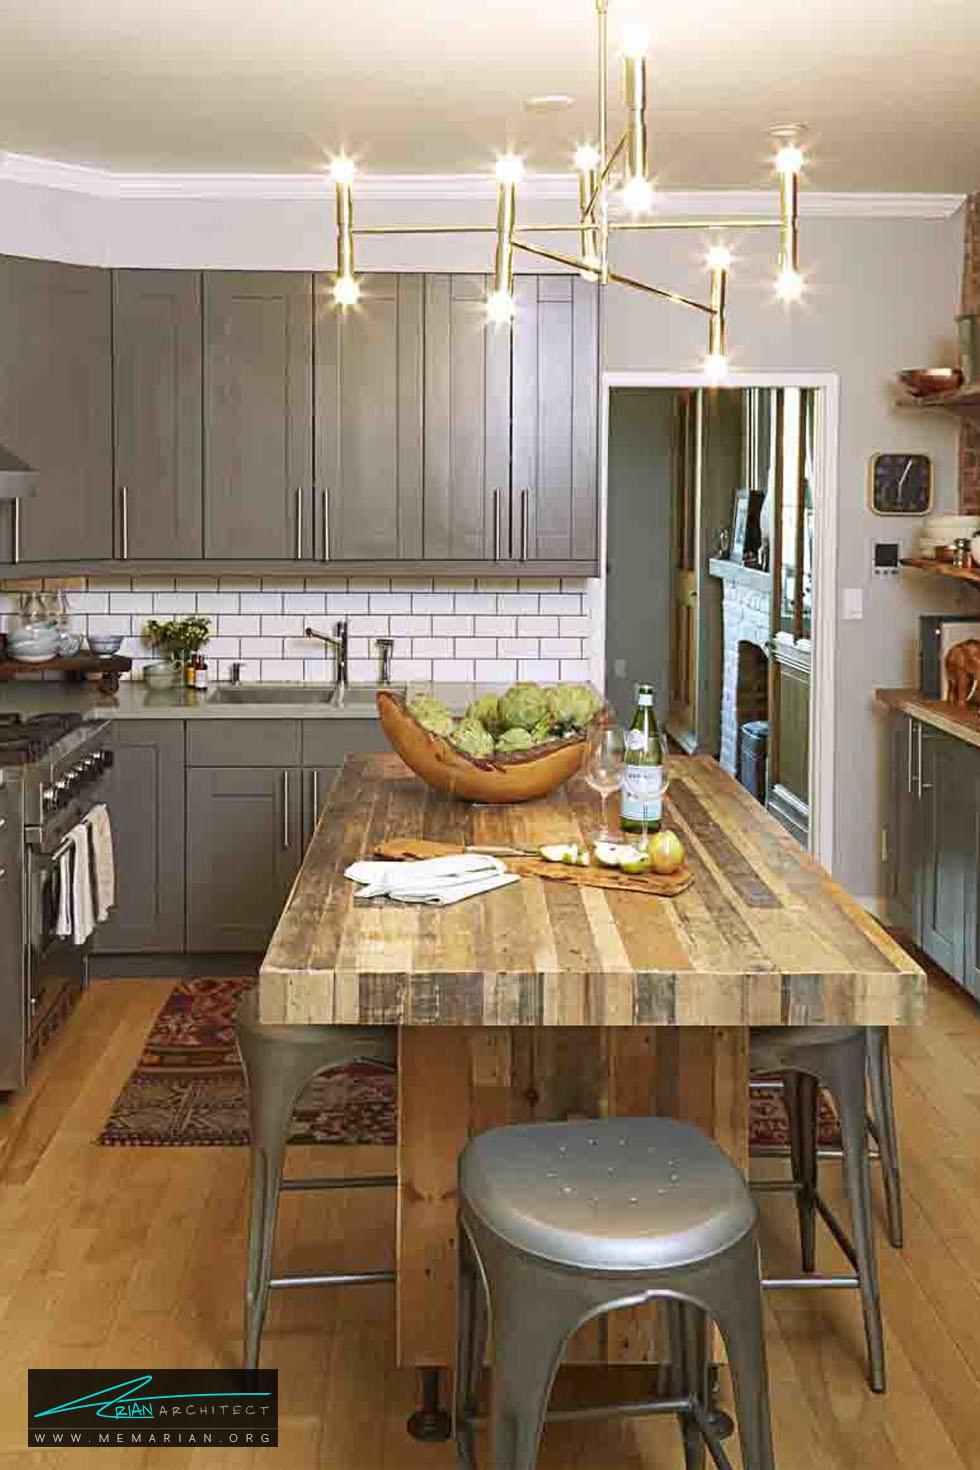 میزهای چندکاره و چند قابلیتی - 20 ایده جذاب برای چیدمان دکوراسیون آشپزخانه